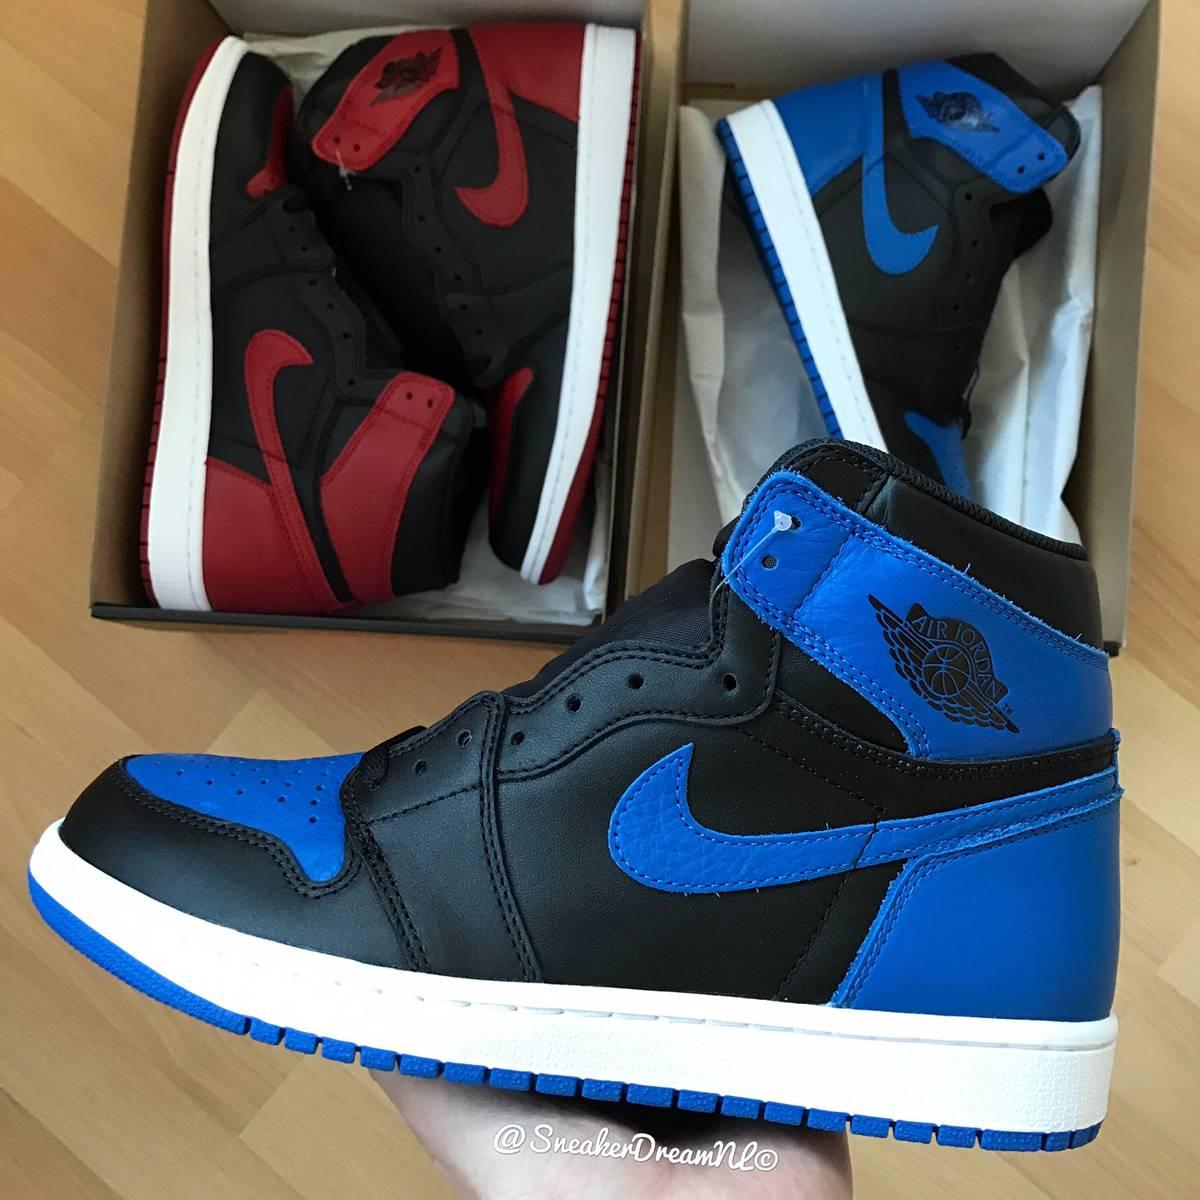 online retailer d789f e4cea ... air jordan retro 7 bred sky blue .. ...